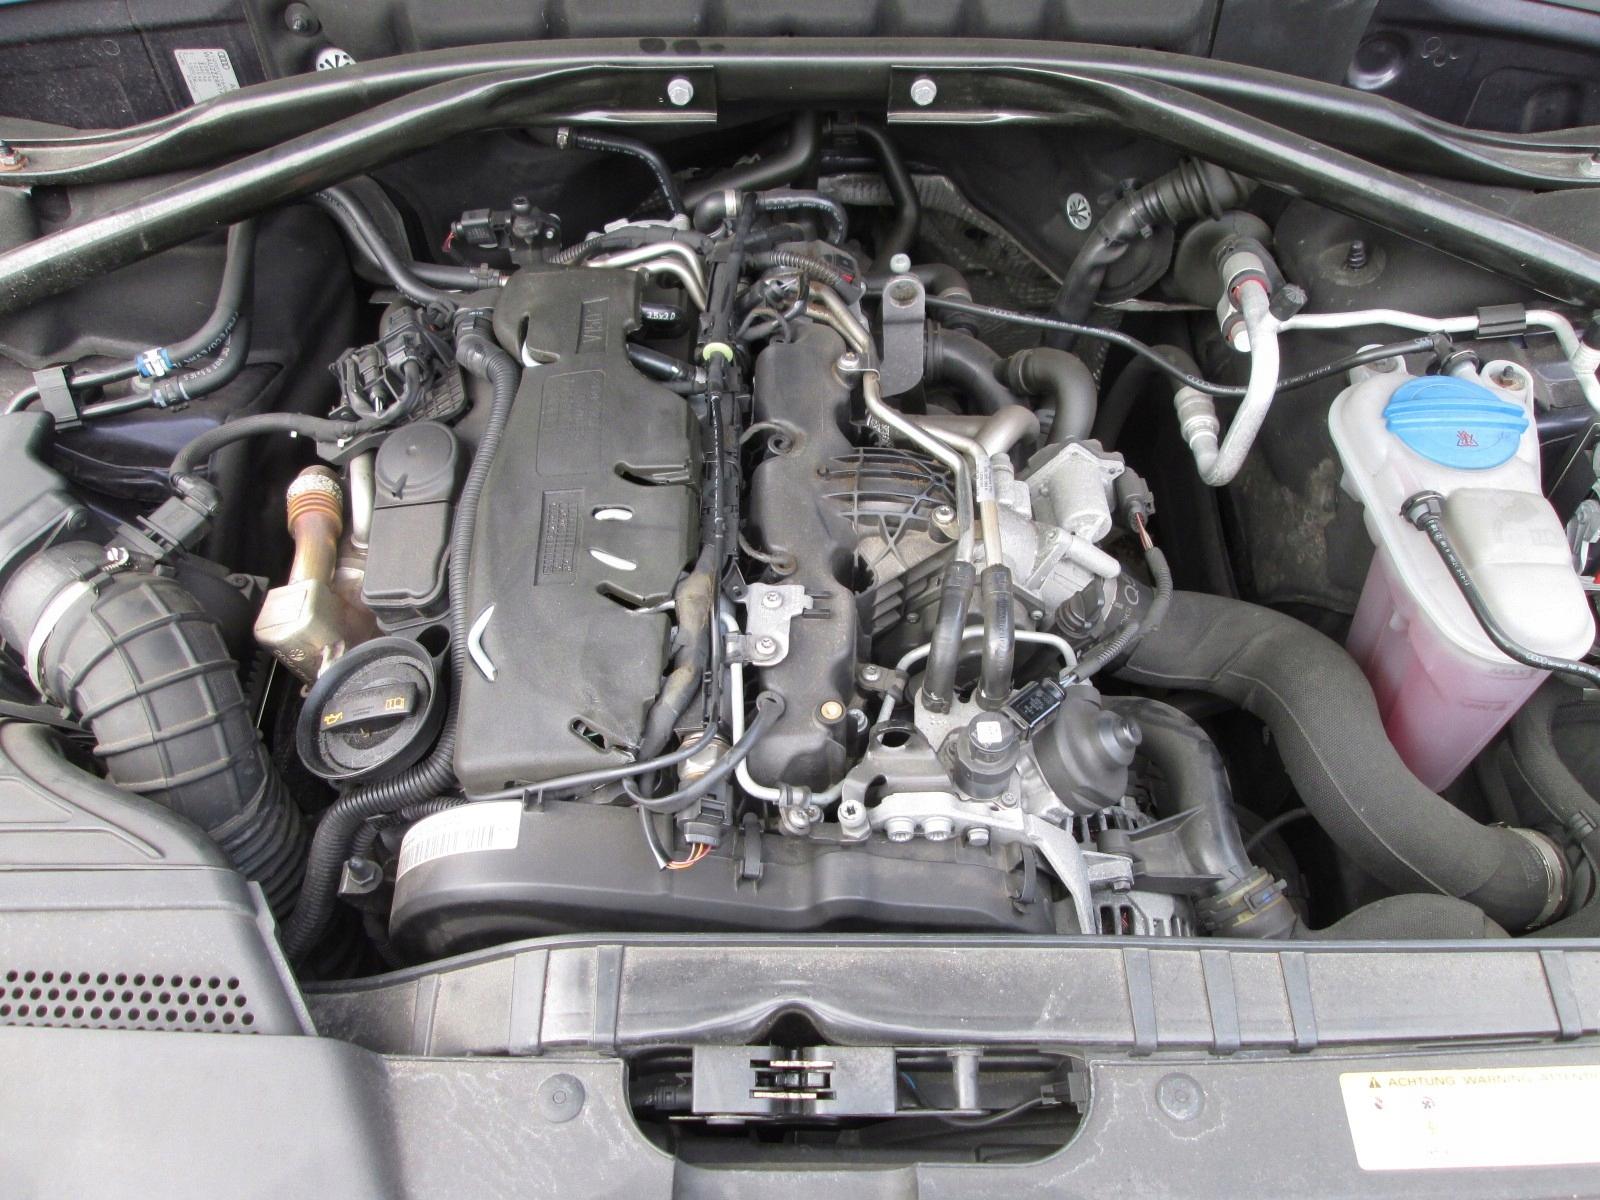 Audi A4 B8 A5 Q5 20tdi 170km Silnik Caha Cah 7427489796